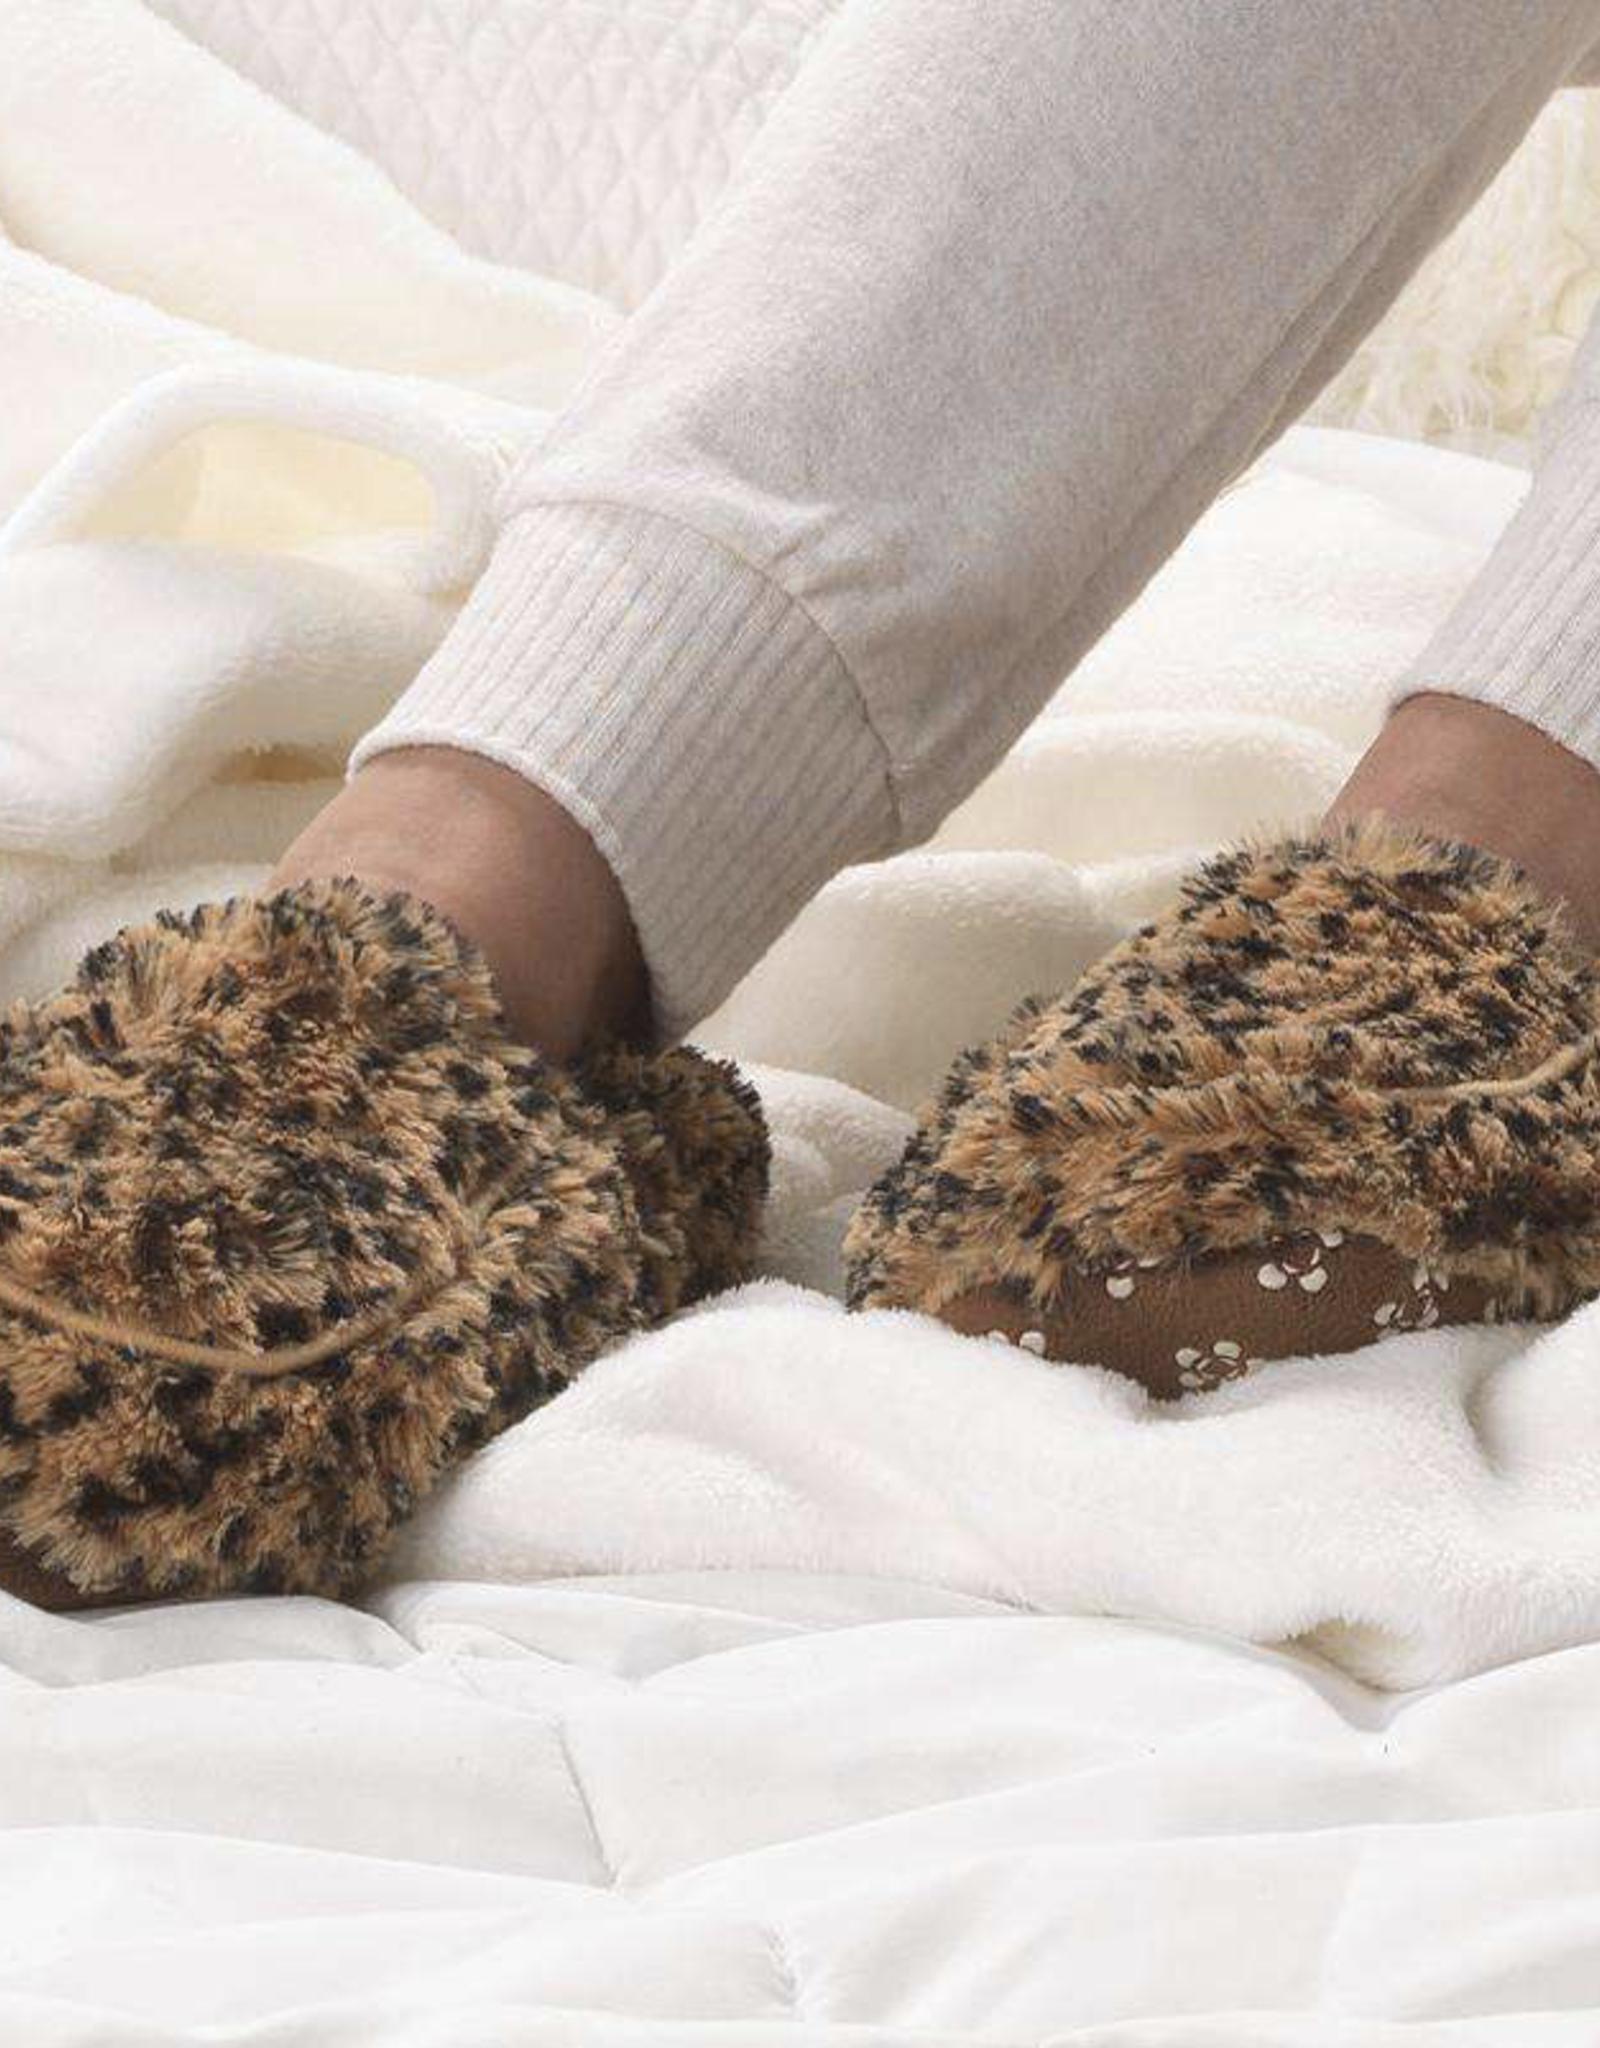 INTELEX Tawny Print Warmies Slippers